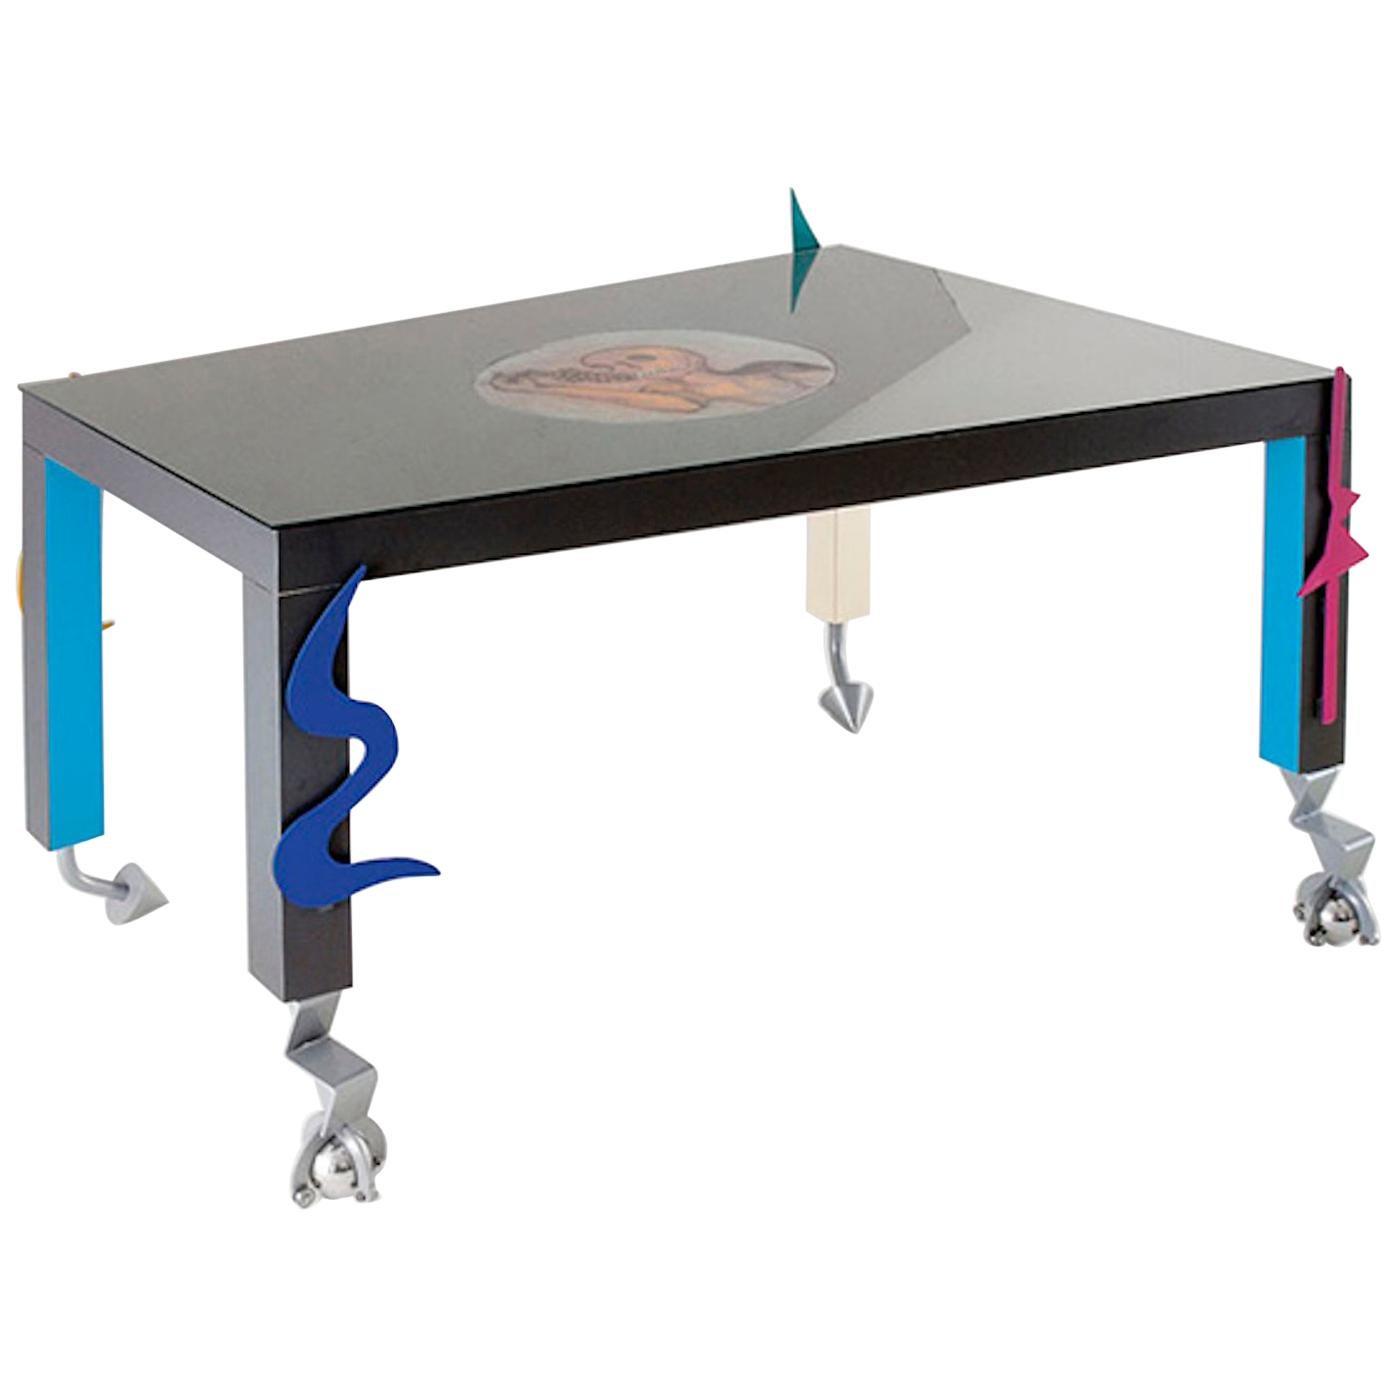 Table Infinito Model by Gruppo Alchimia, Italy